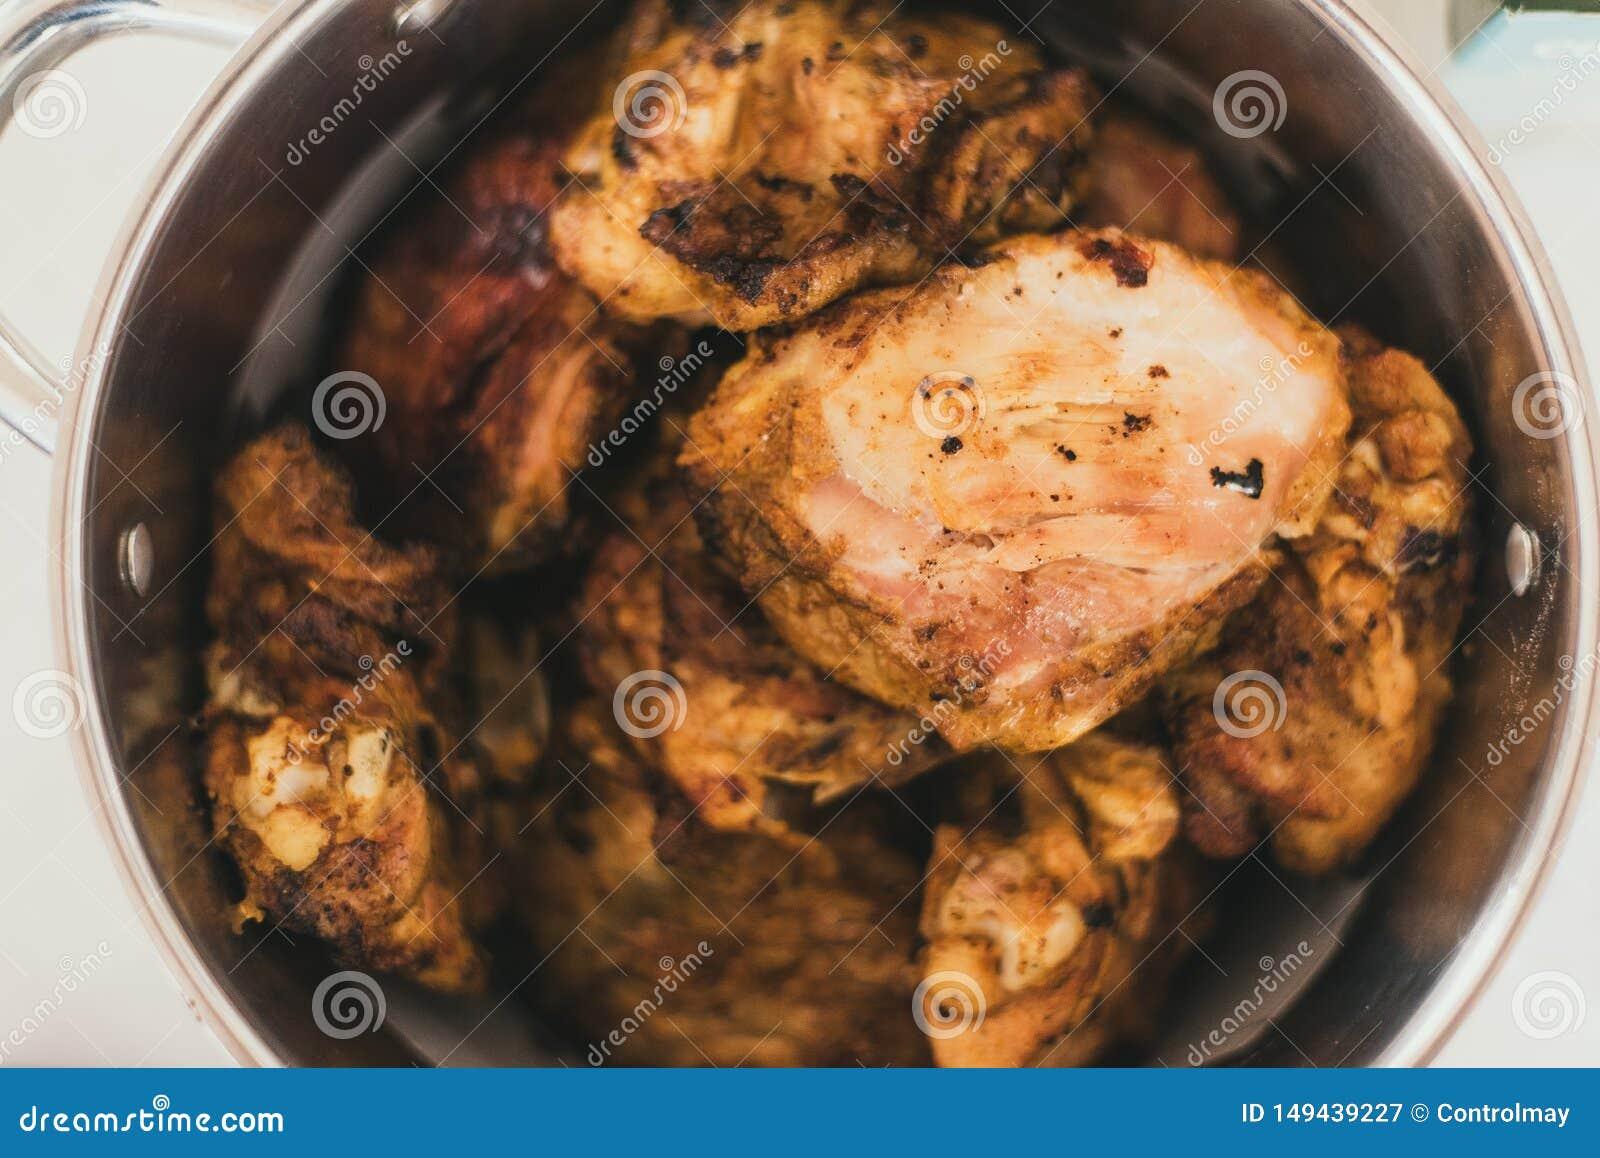 Ψημένο στη σχάρα κοτόπουλο σε μια κατσαρόλλα Κοτόπουλο με μια χρυσή κρούστα